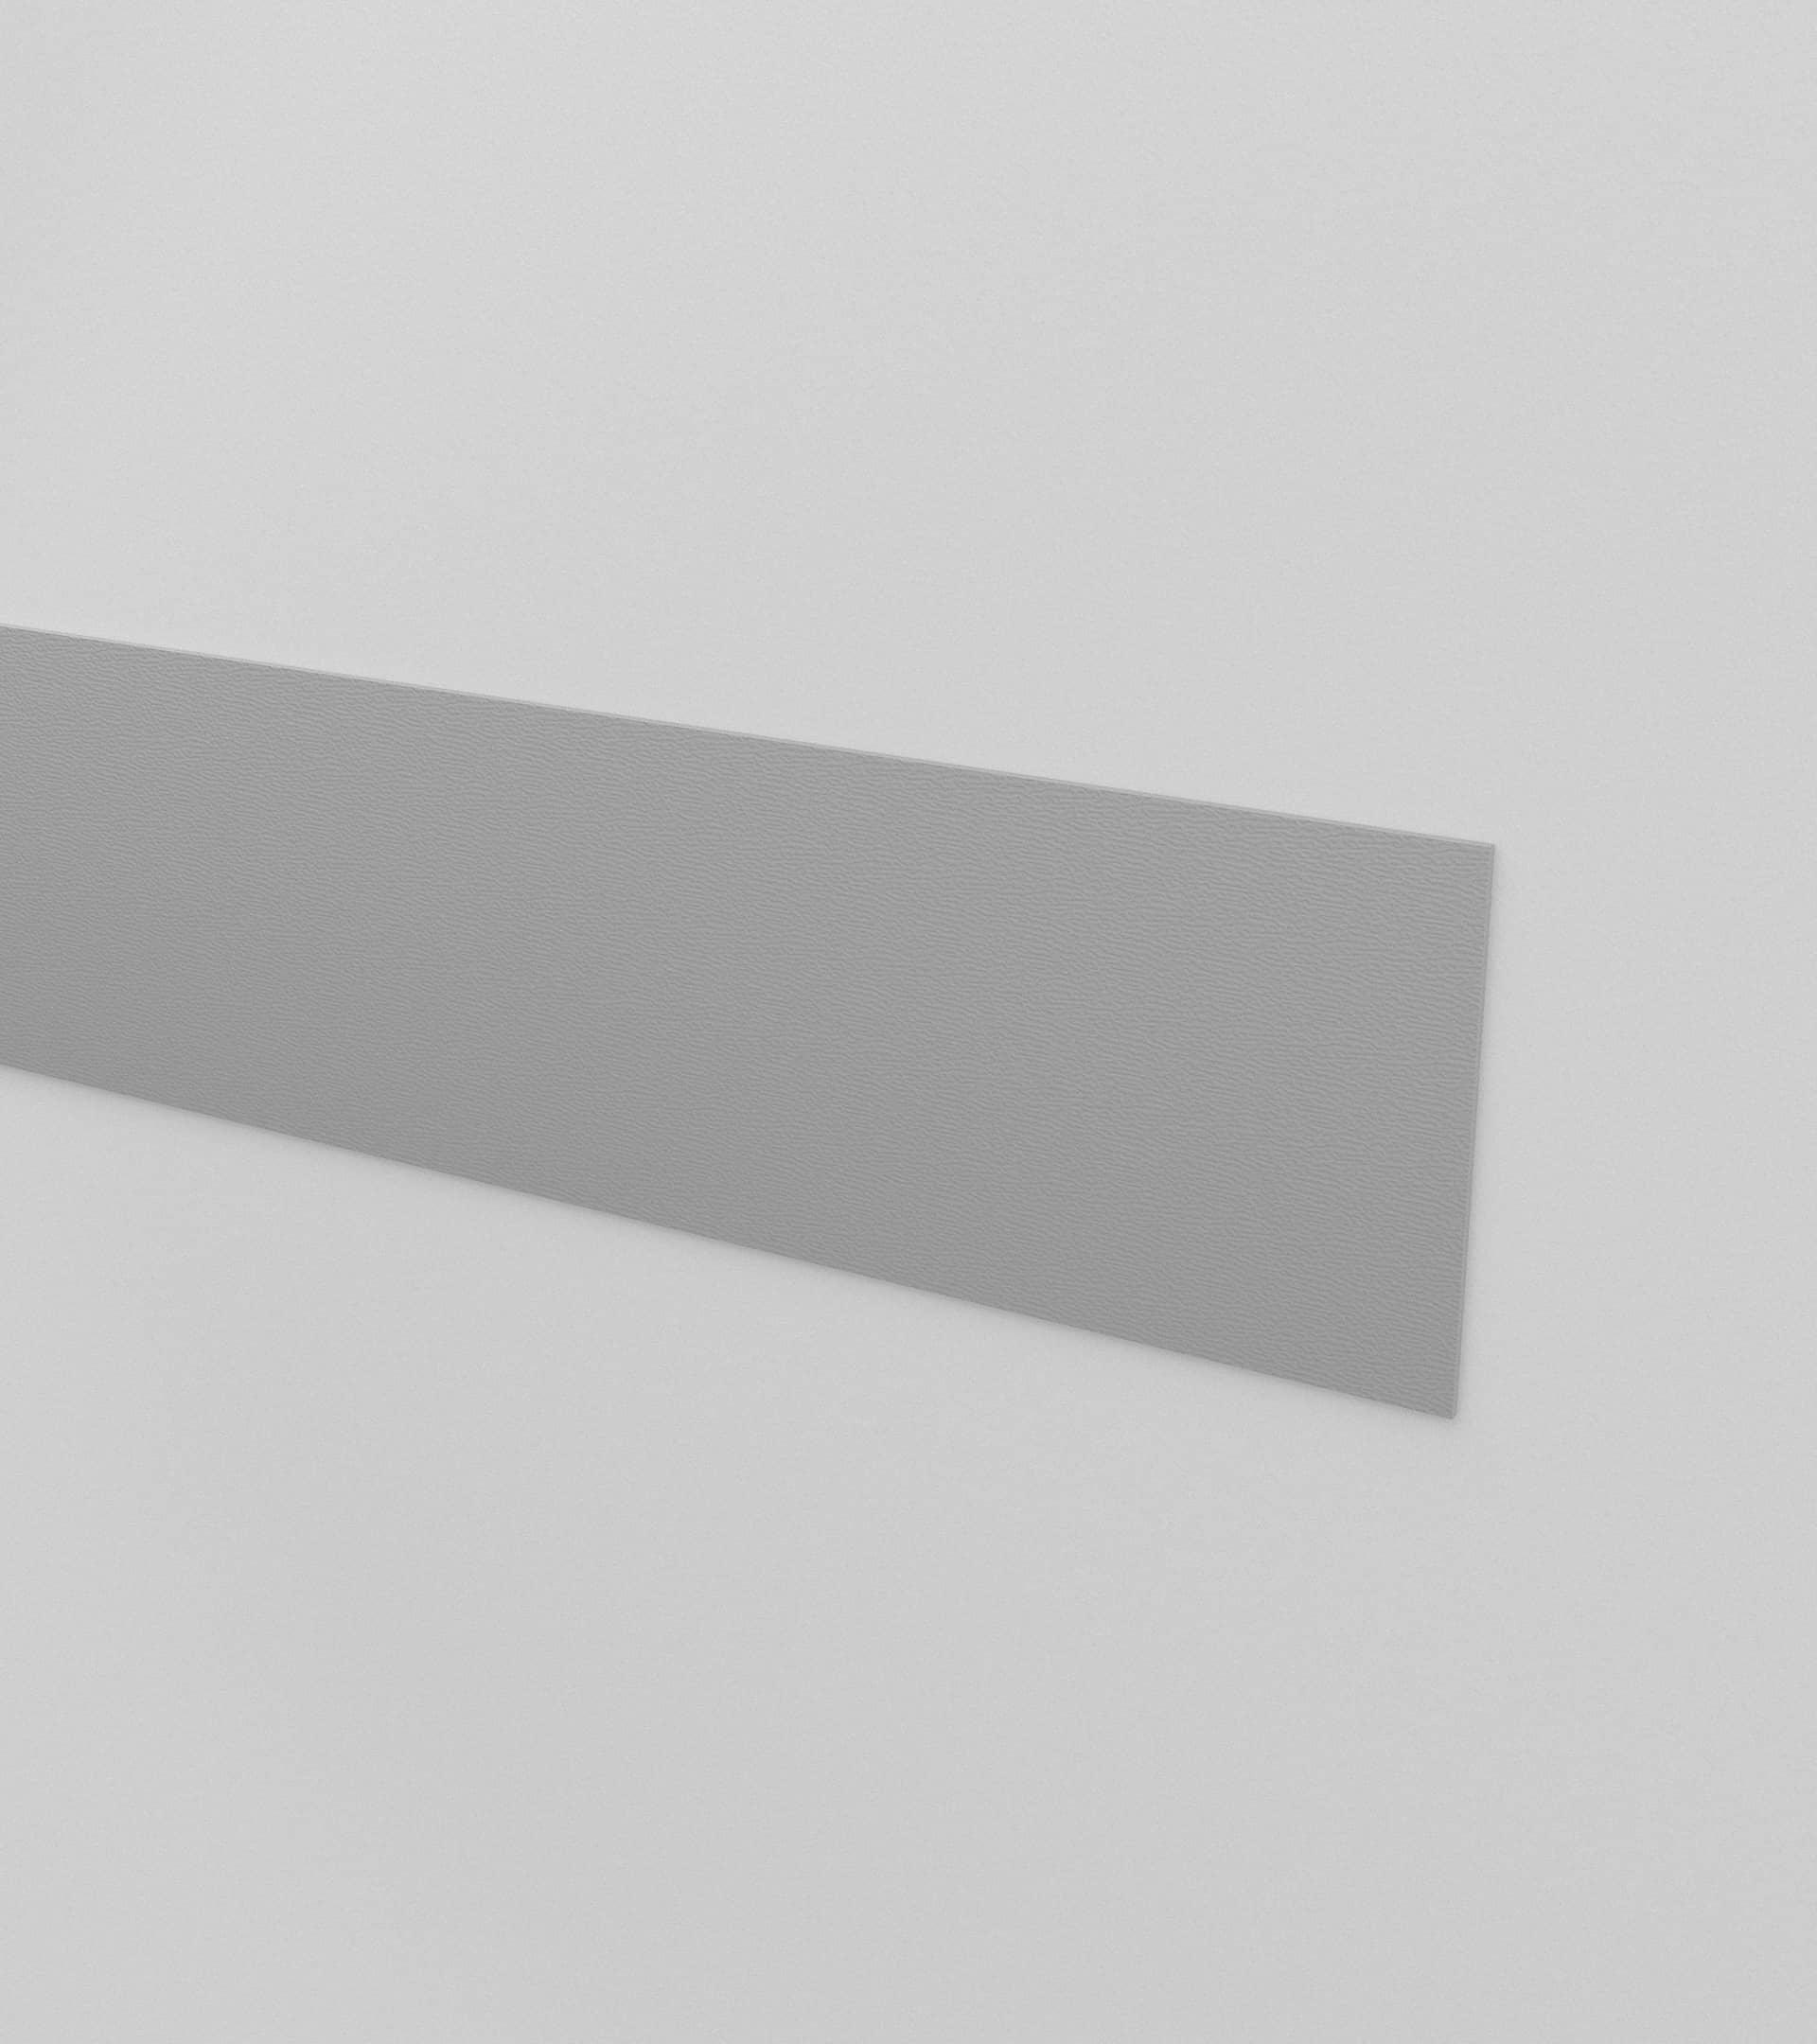 Rub rail